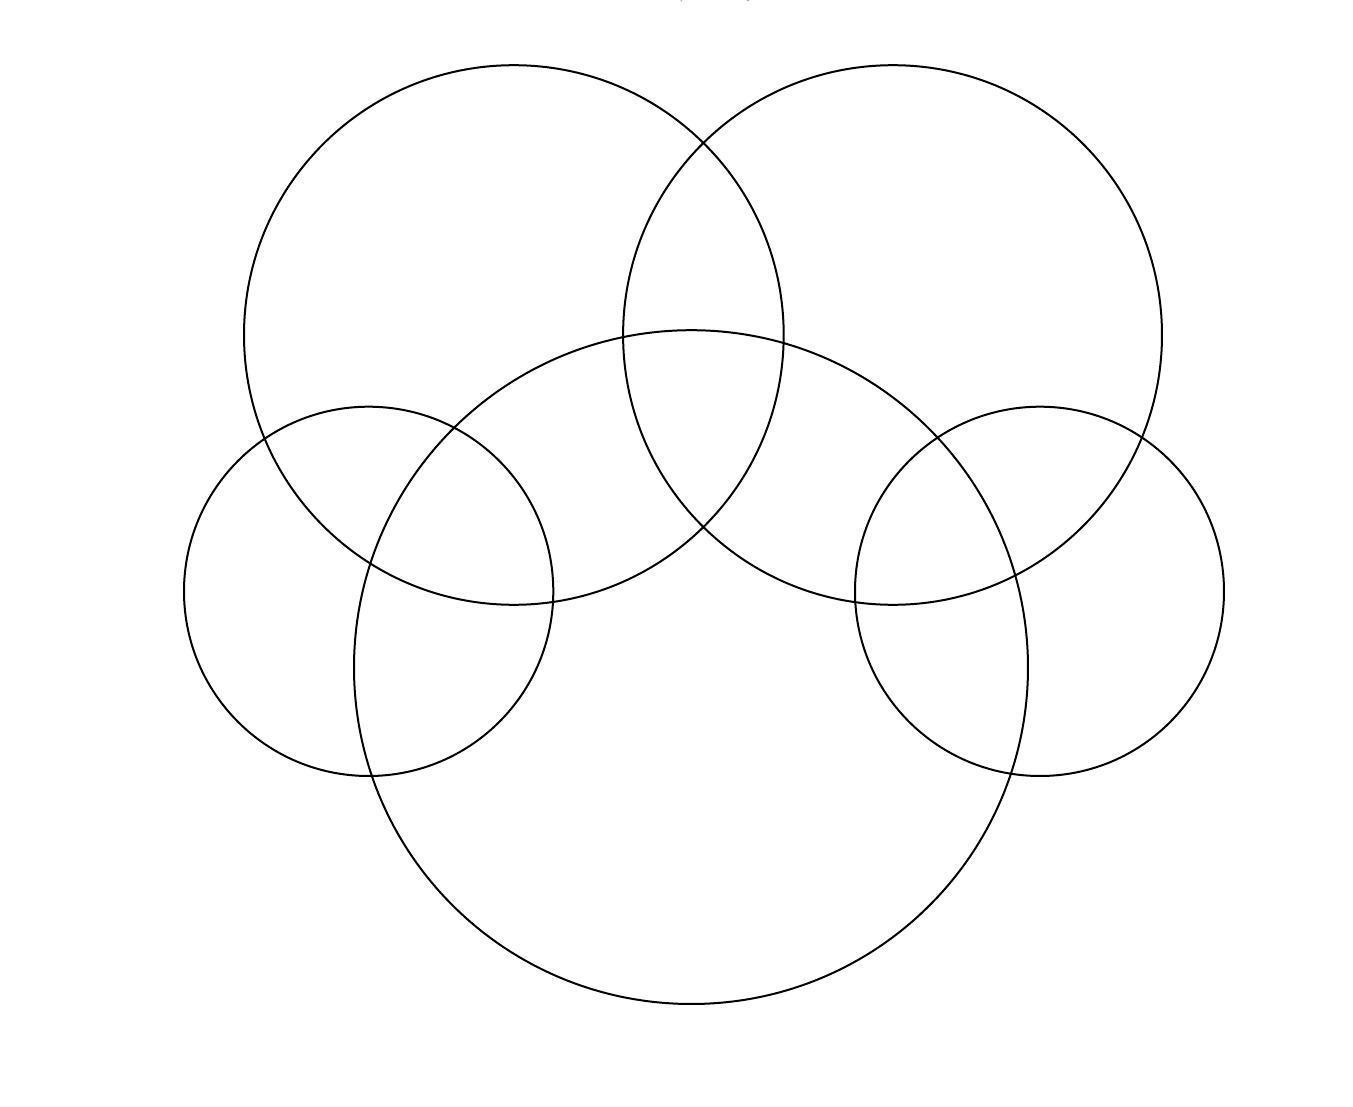 Venn Diagram Printable Online Venn Diagram Maker Lucidchart